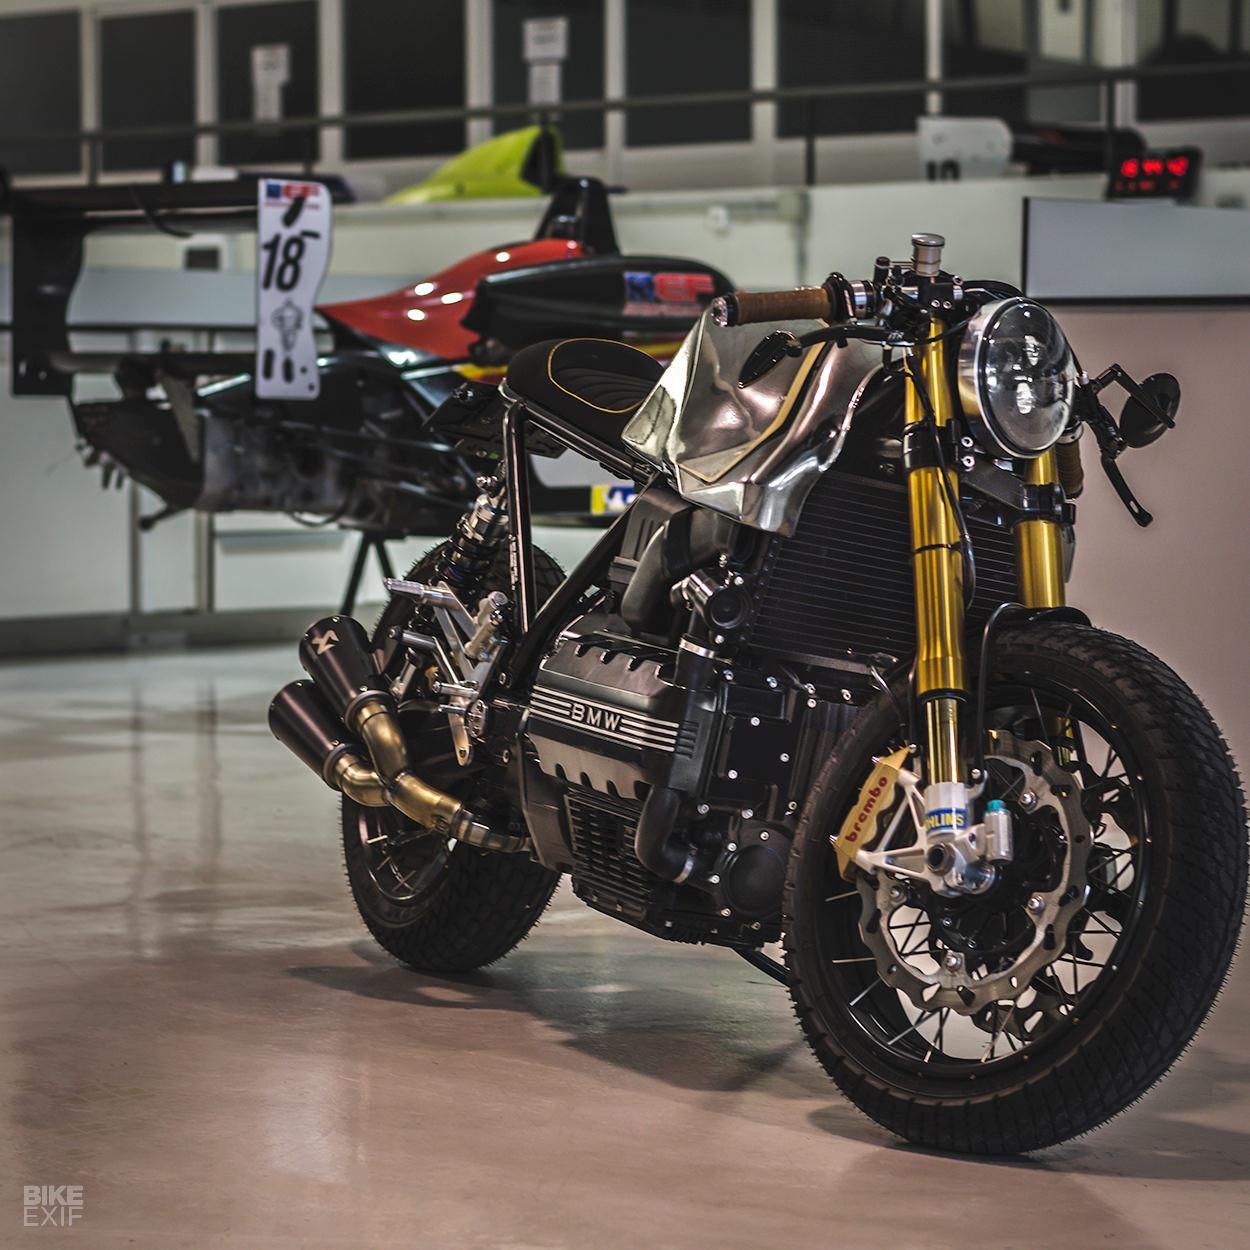 Mẫu độ BMW K100 Cafe racer mới nhất từ Bolt Motor Ảnh 10